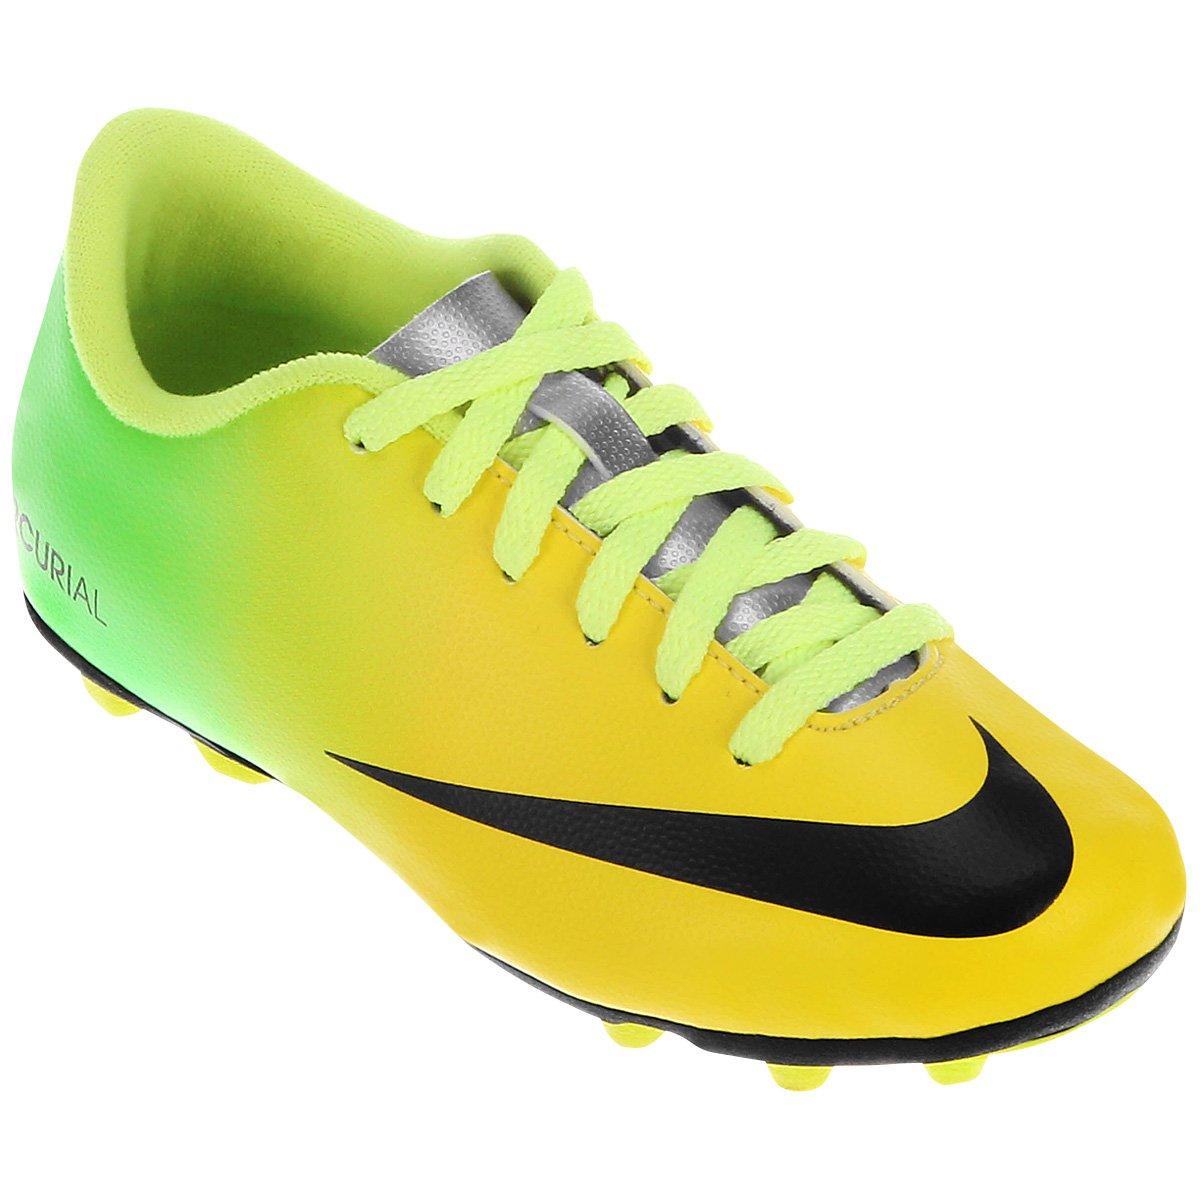 3a07d2ae8a Chuteira Campo Infantil Nike Mercurial Vortex FG-R - Compre Agora ...